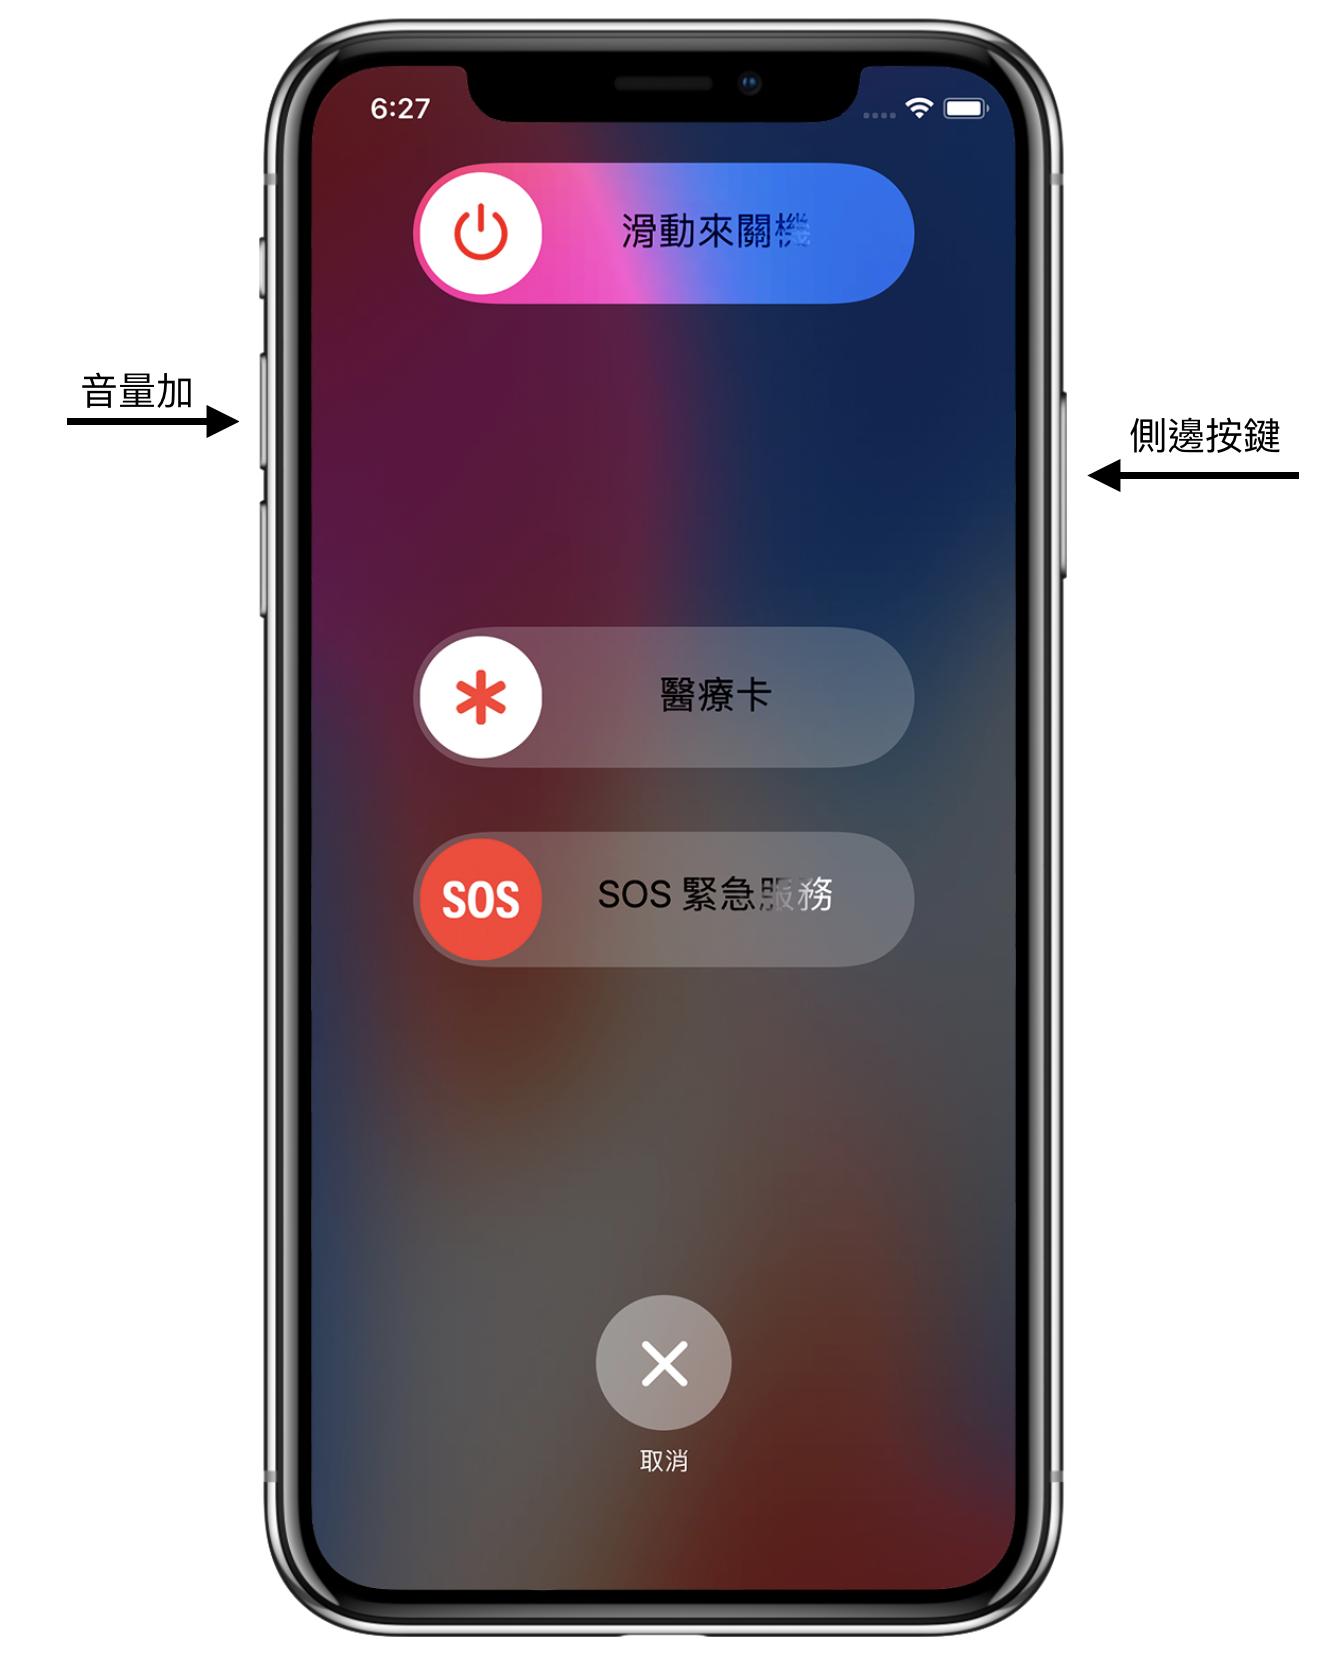 iPhone X如何叫出SOS模式